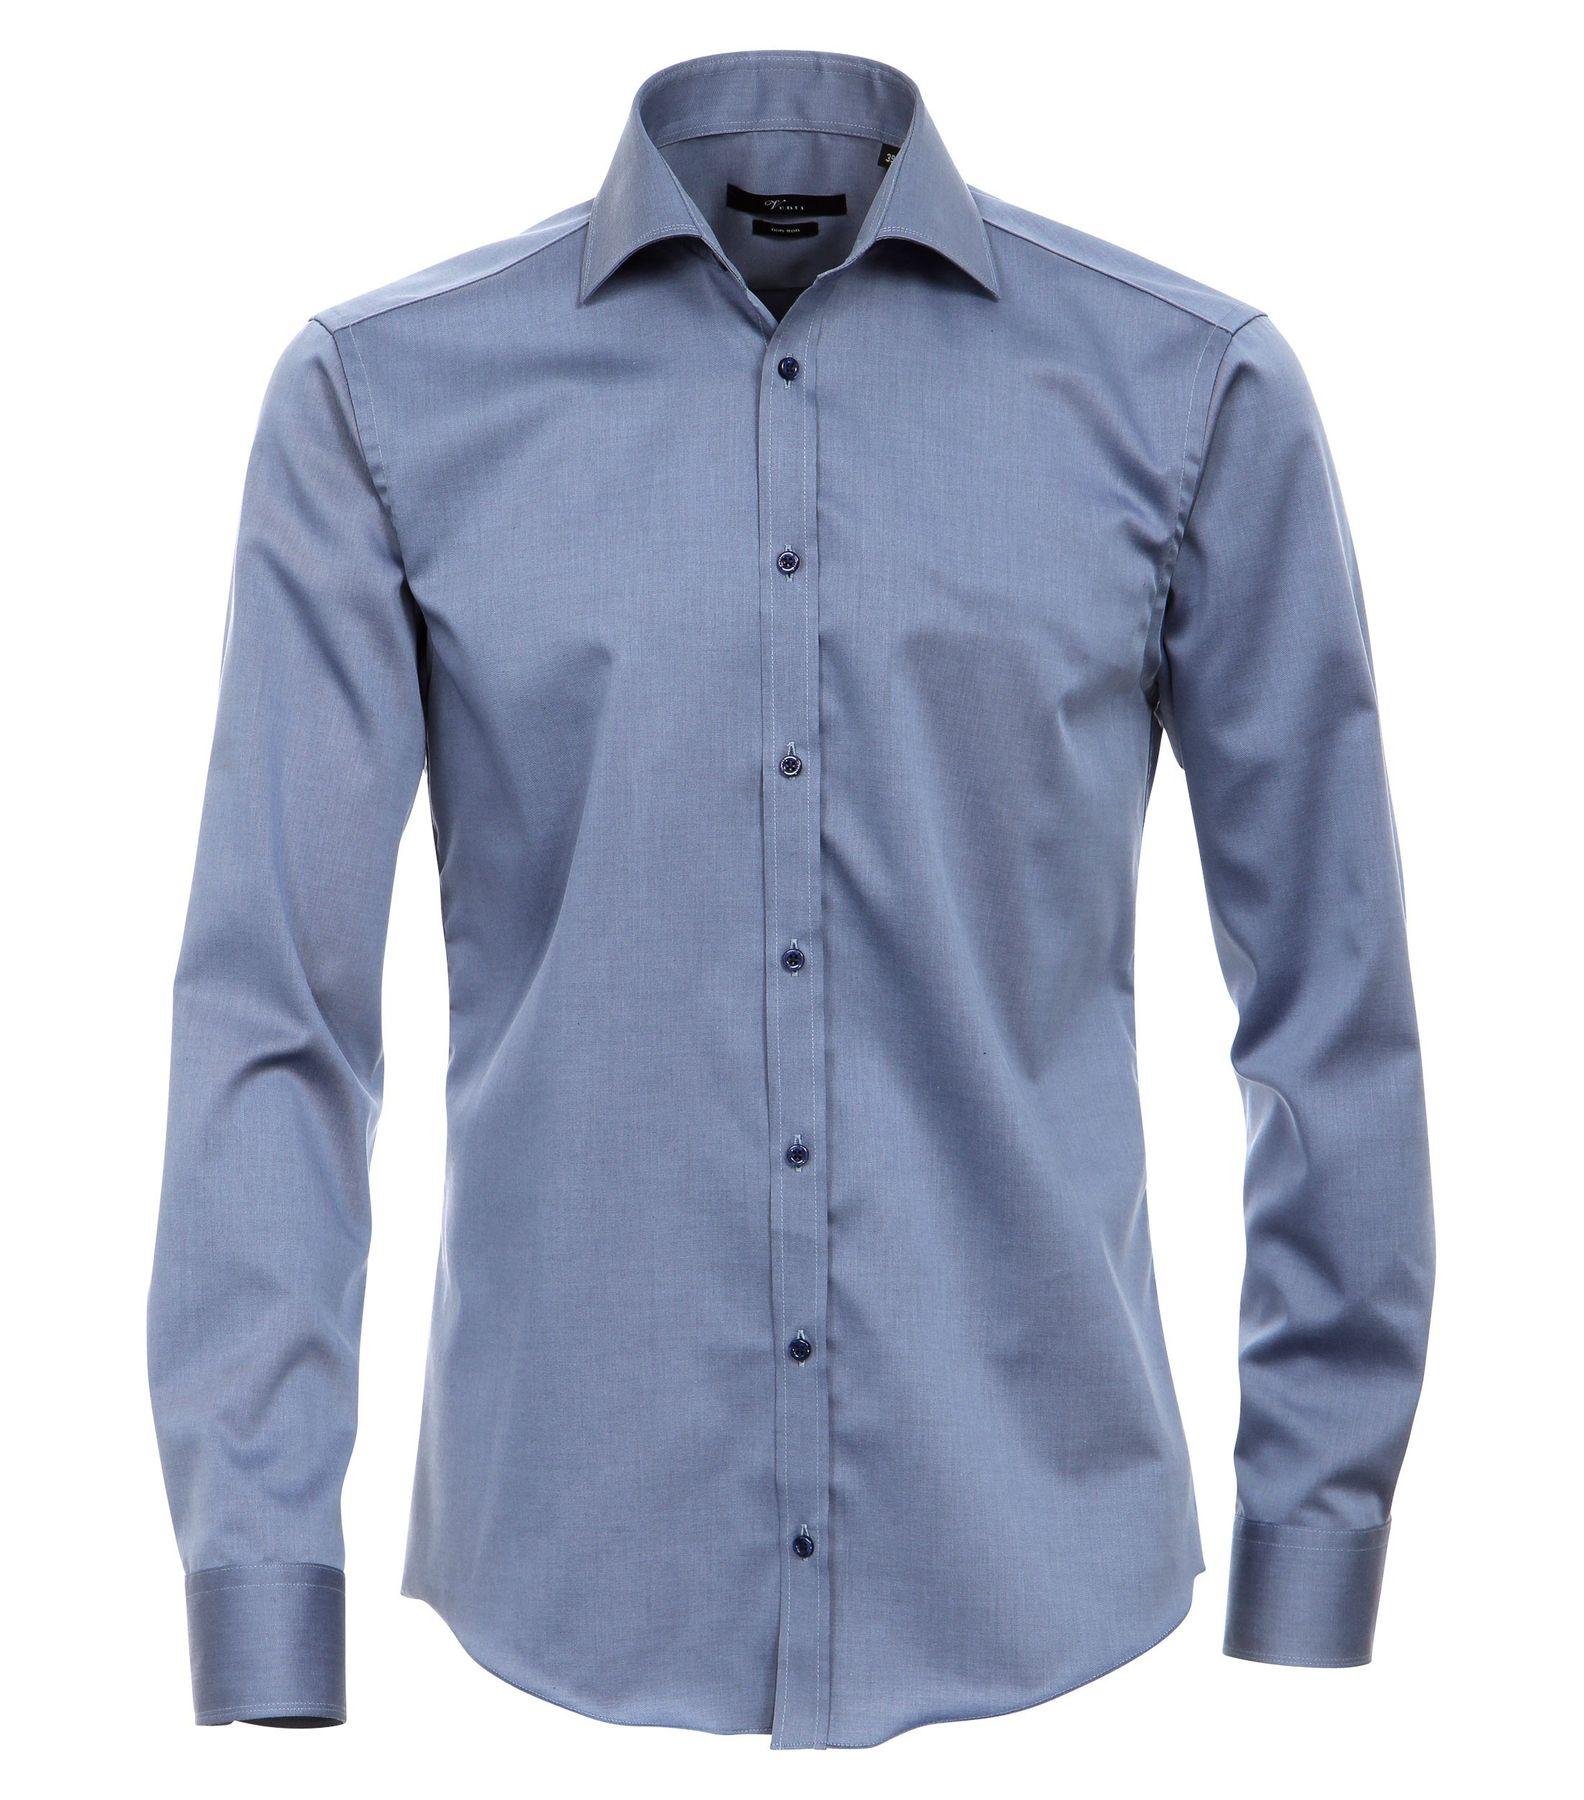 Venti - Slim Fit - Bügelfreies Herren Langarm Hemd mit Haifisch Kragen in verschiedenen Farben (001800 A) – Bild 1